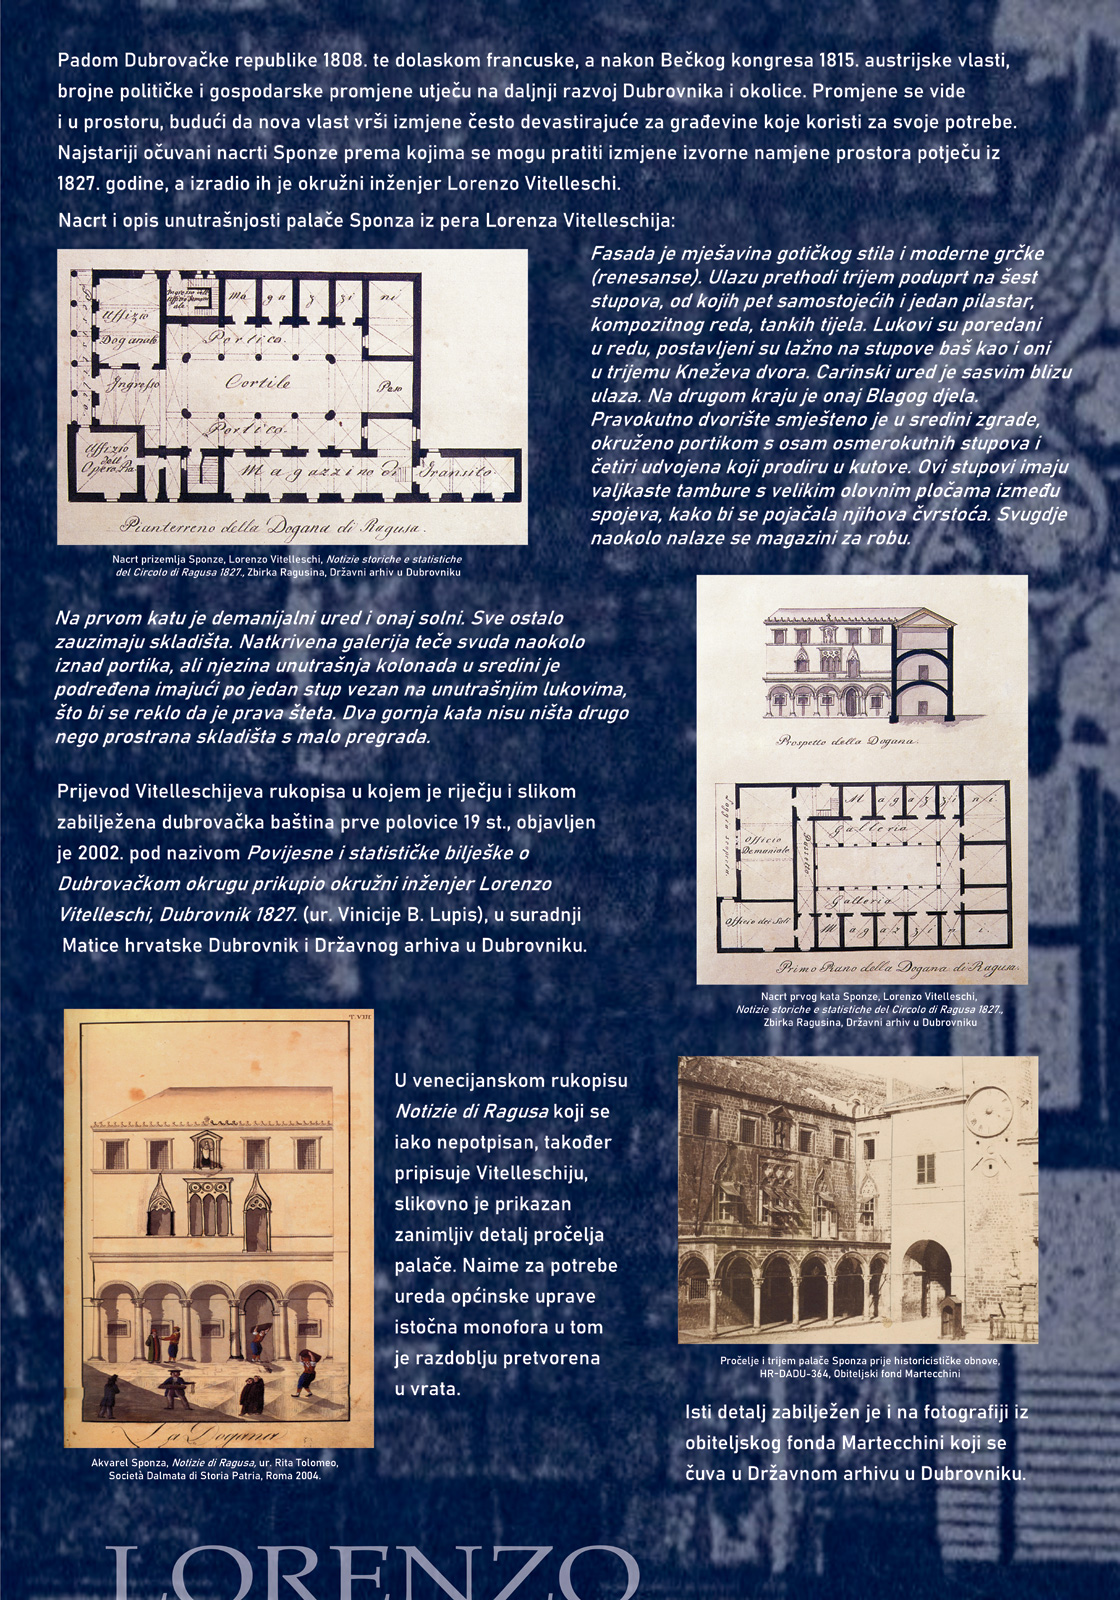 Panel koji prikazuje nacrte koje je napravio okružni inžinjer Antonio Vitelleschi 1827. godine